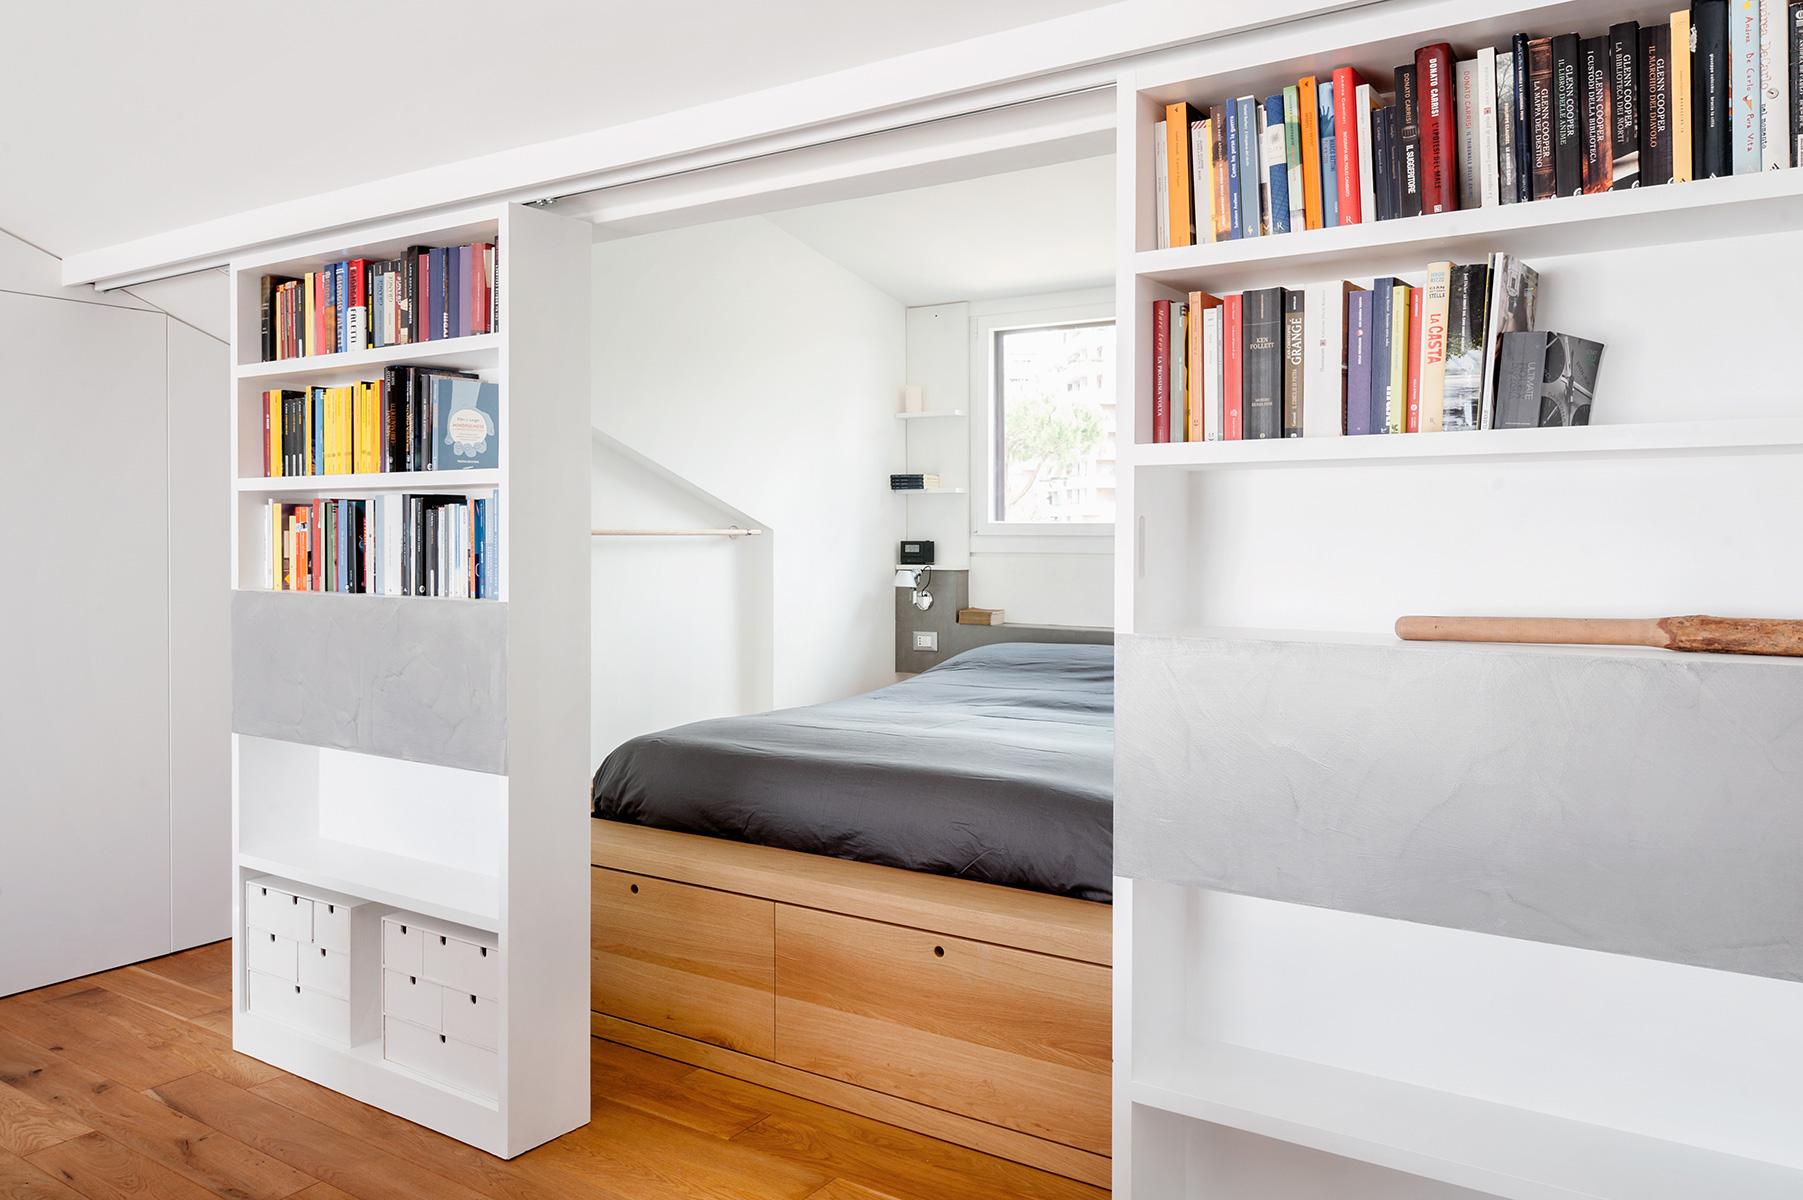 Lozzi realizza per il progetto residenzialedell'Architetto Fausto Gargaglia